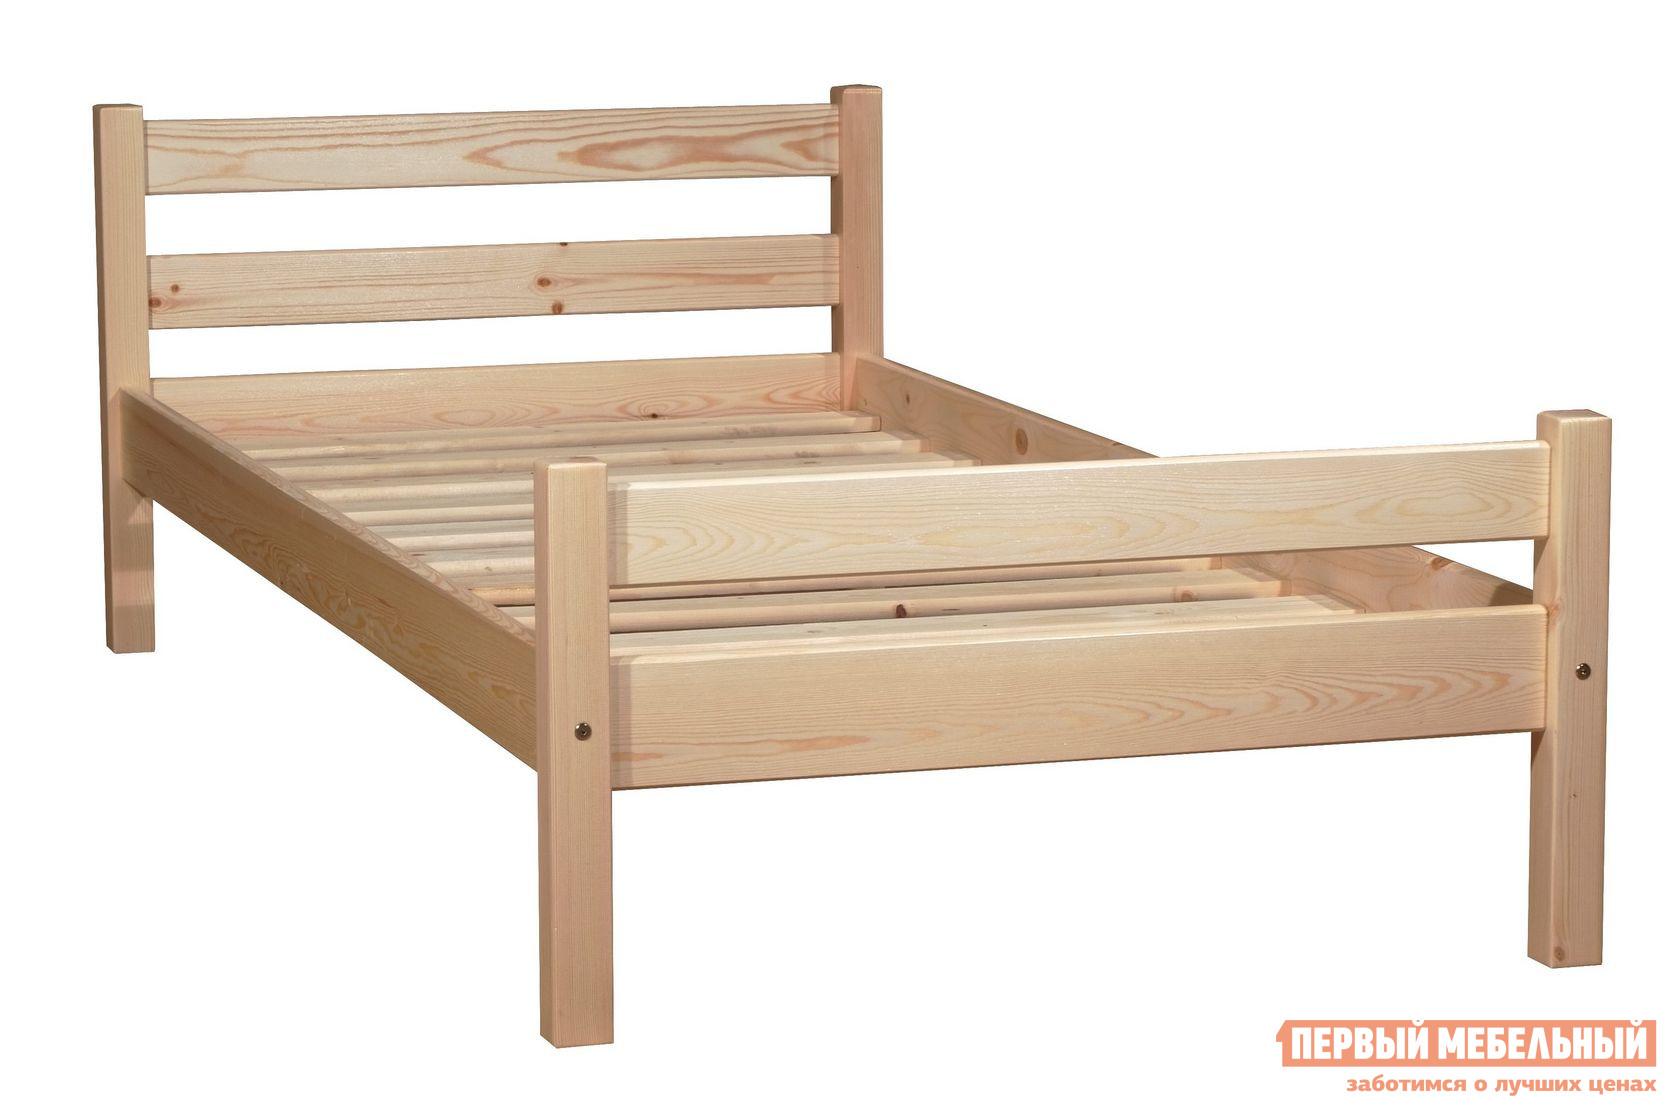 Односпальная кровать  Кровать Классик Бесцветный лак, Спальное место 800 Х 2000 мм